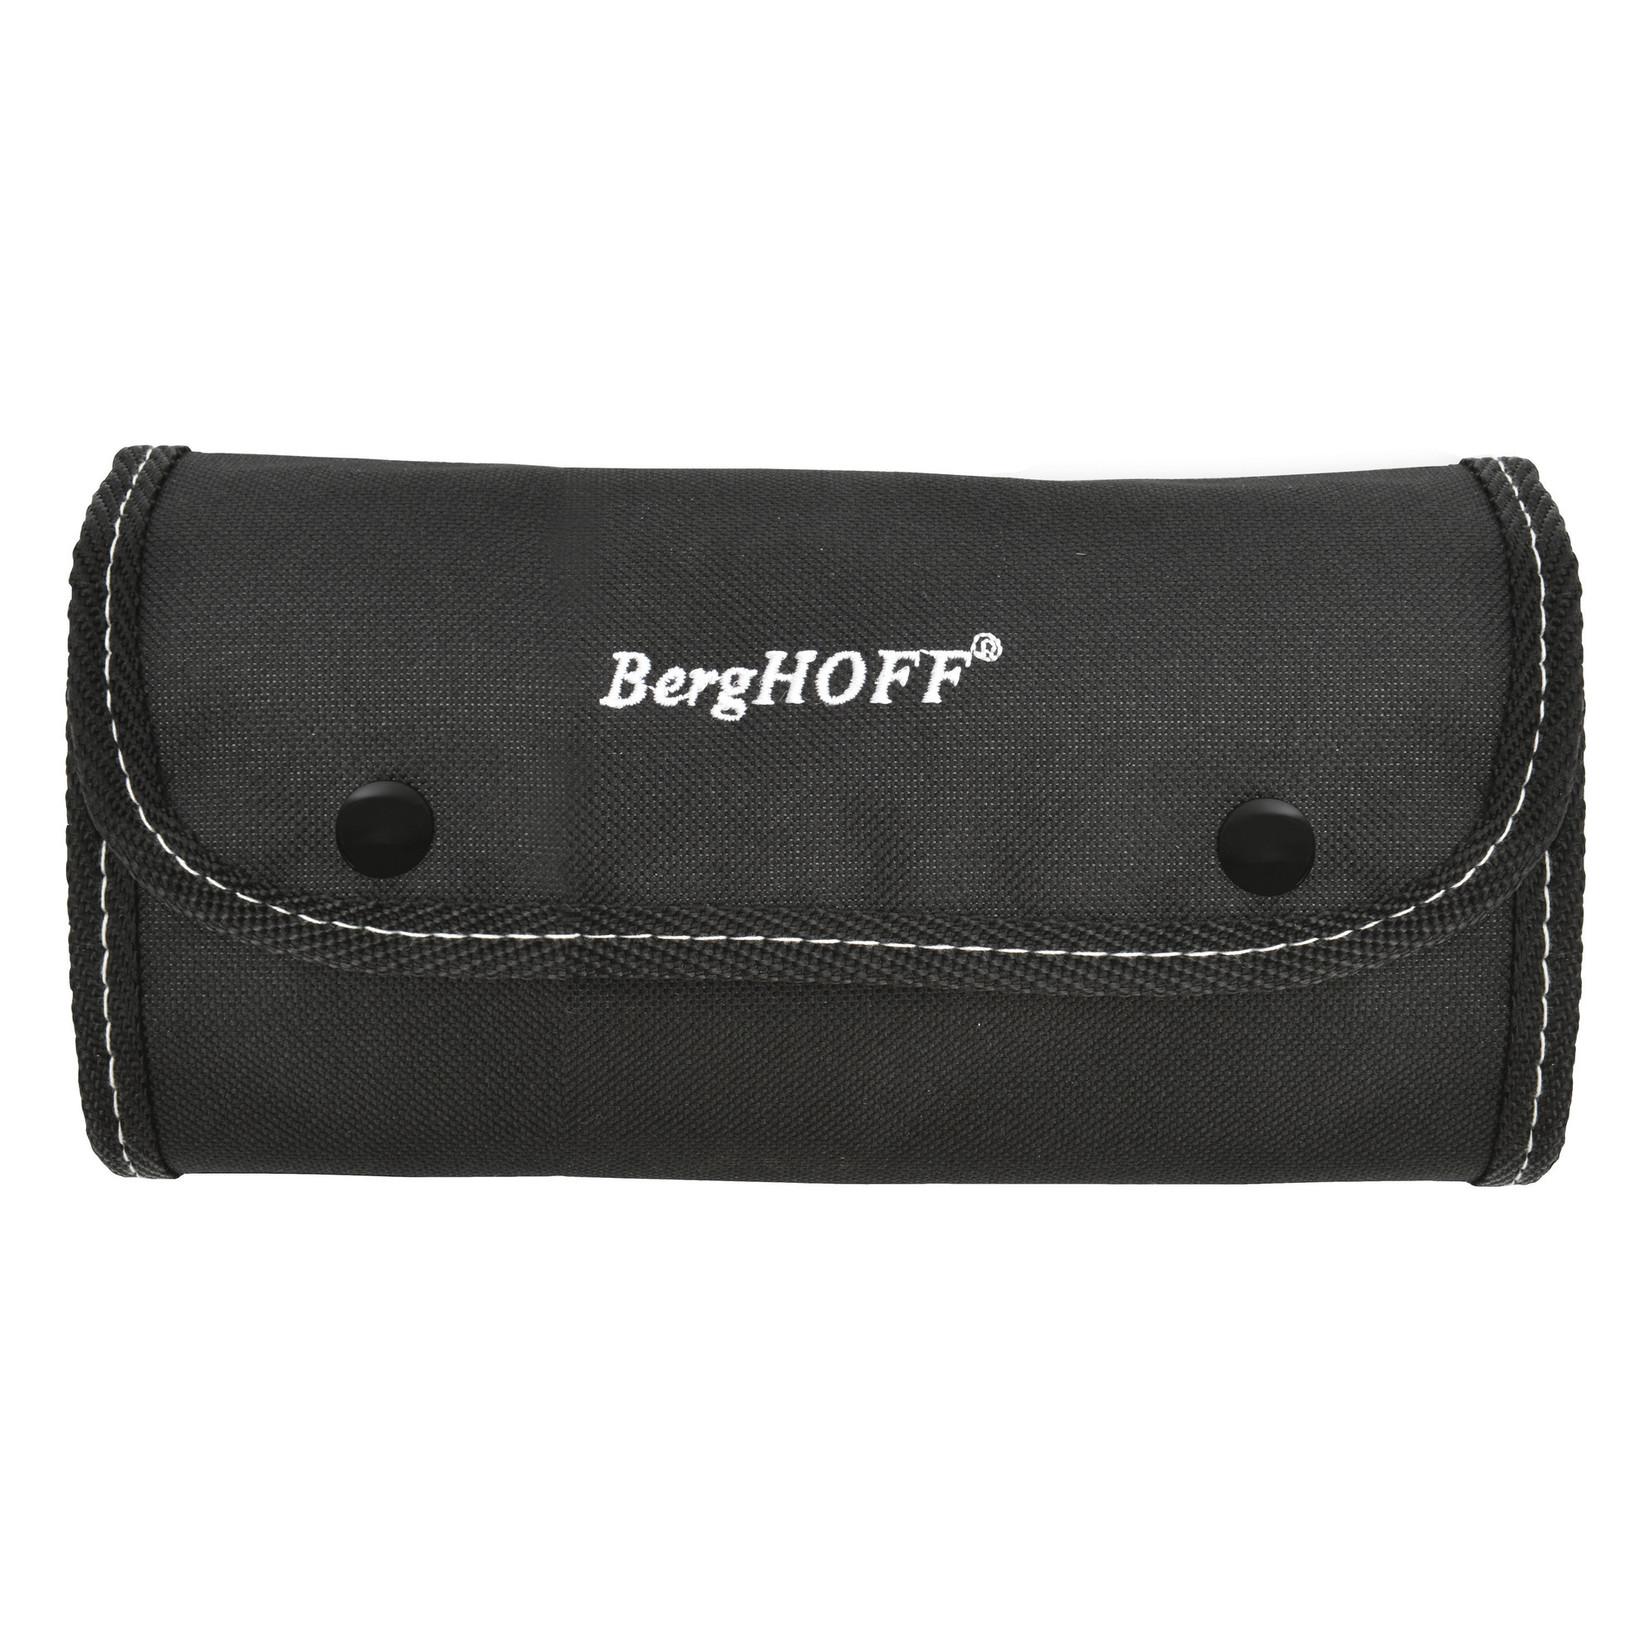 Berghoff Berghoff Essentials keukenset 8-delig in tas